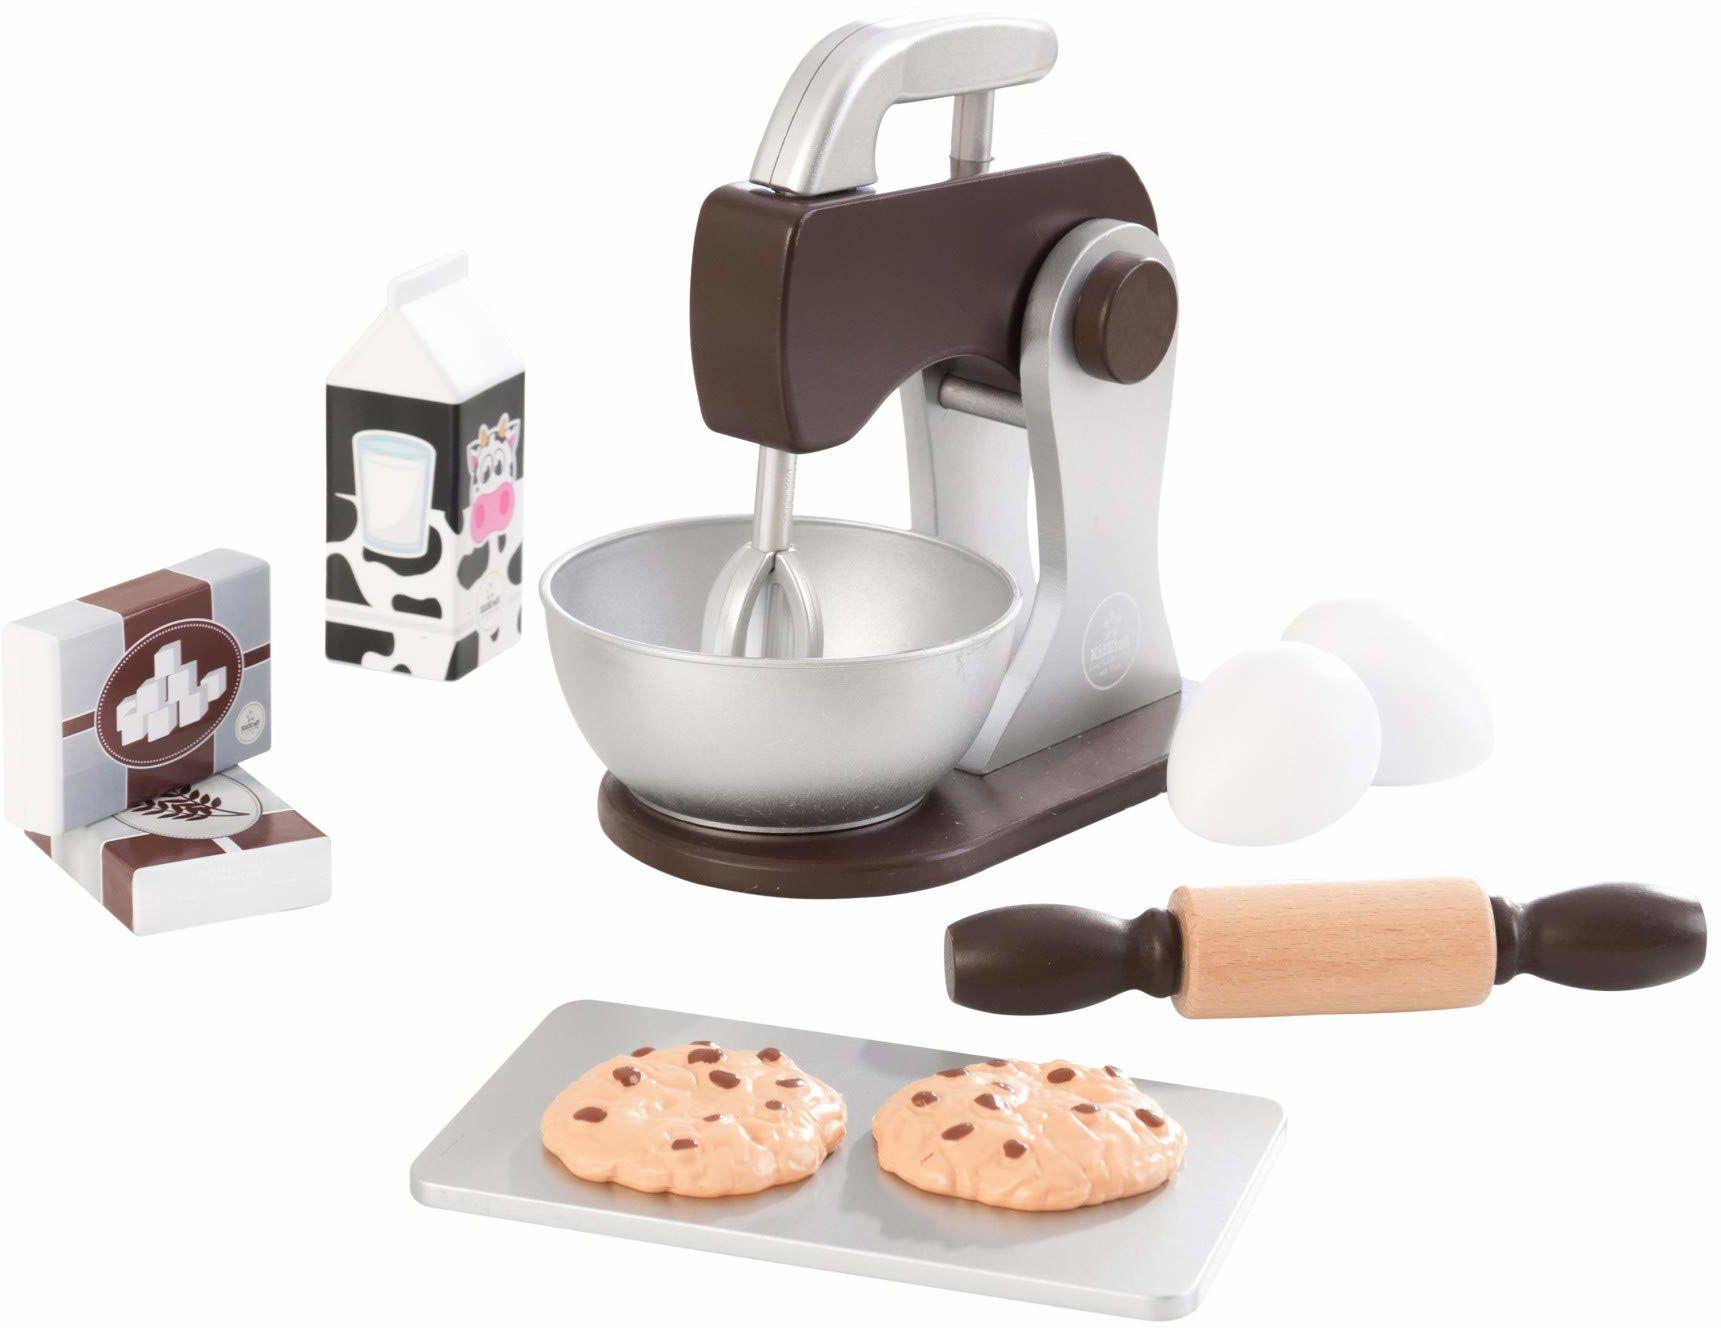 KidKraft 63370 zestaw do zabawy, do gotowania i pieczenia, farby do espresso